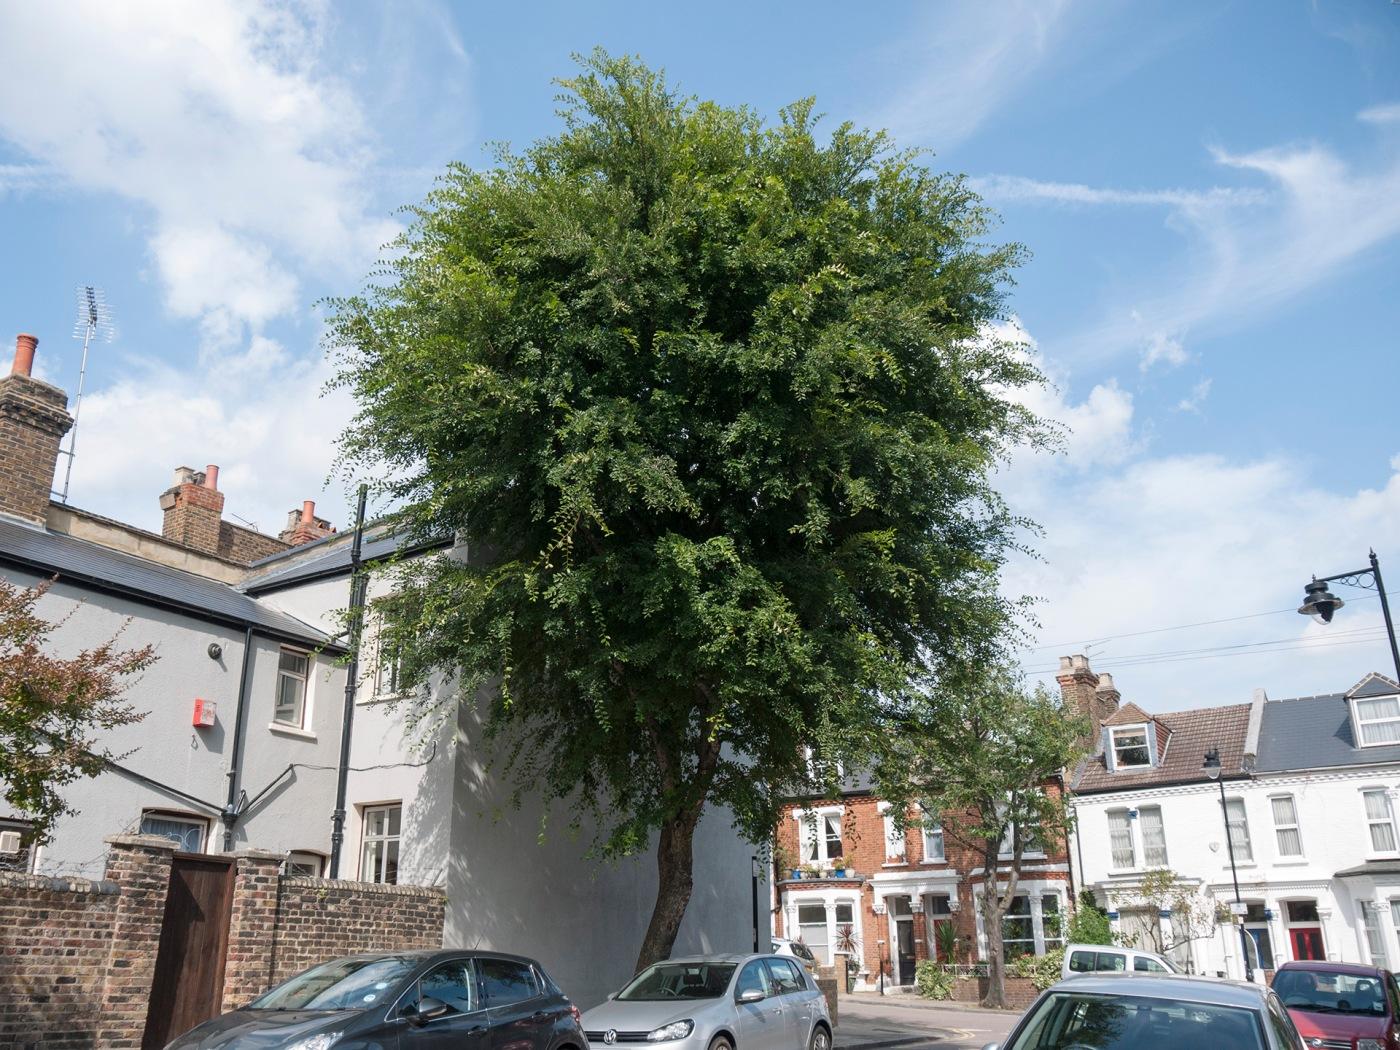 Mature Ulmus parvifolia street tree